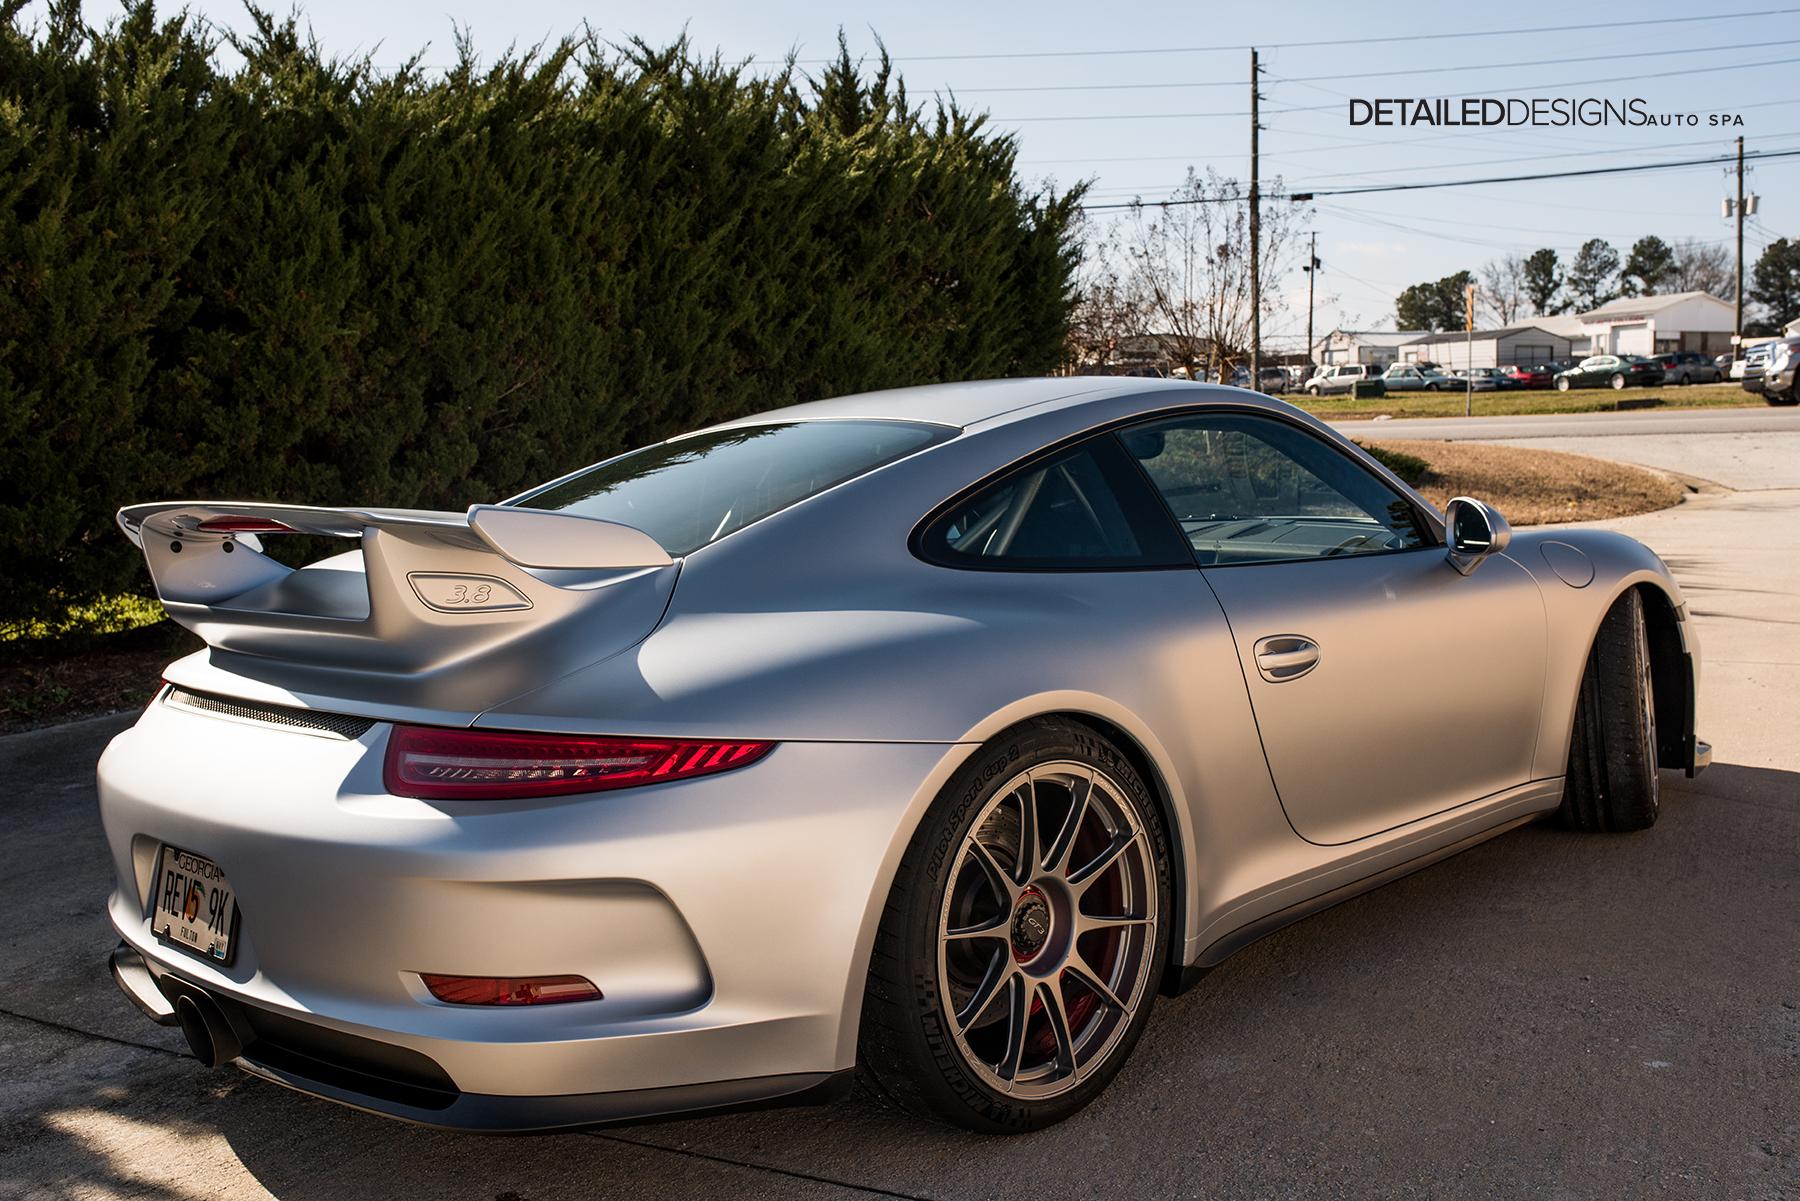 Porsche Experience Center >> Rhodium Silver Porsche GT3 Xpel Stealth Wrap Atlanta - Detailed Designs Auto Spa